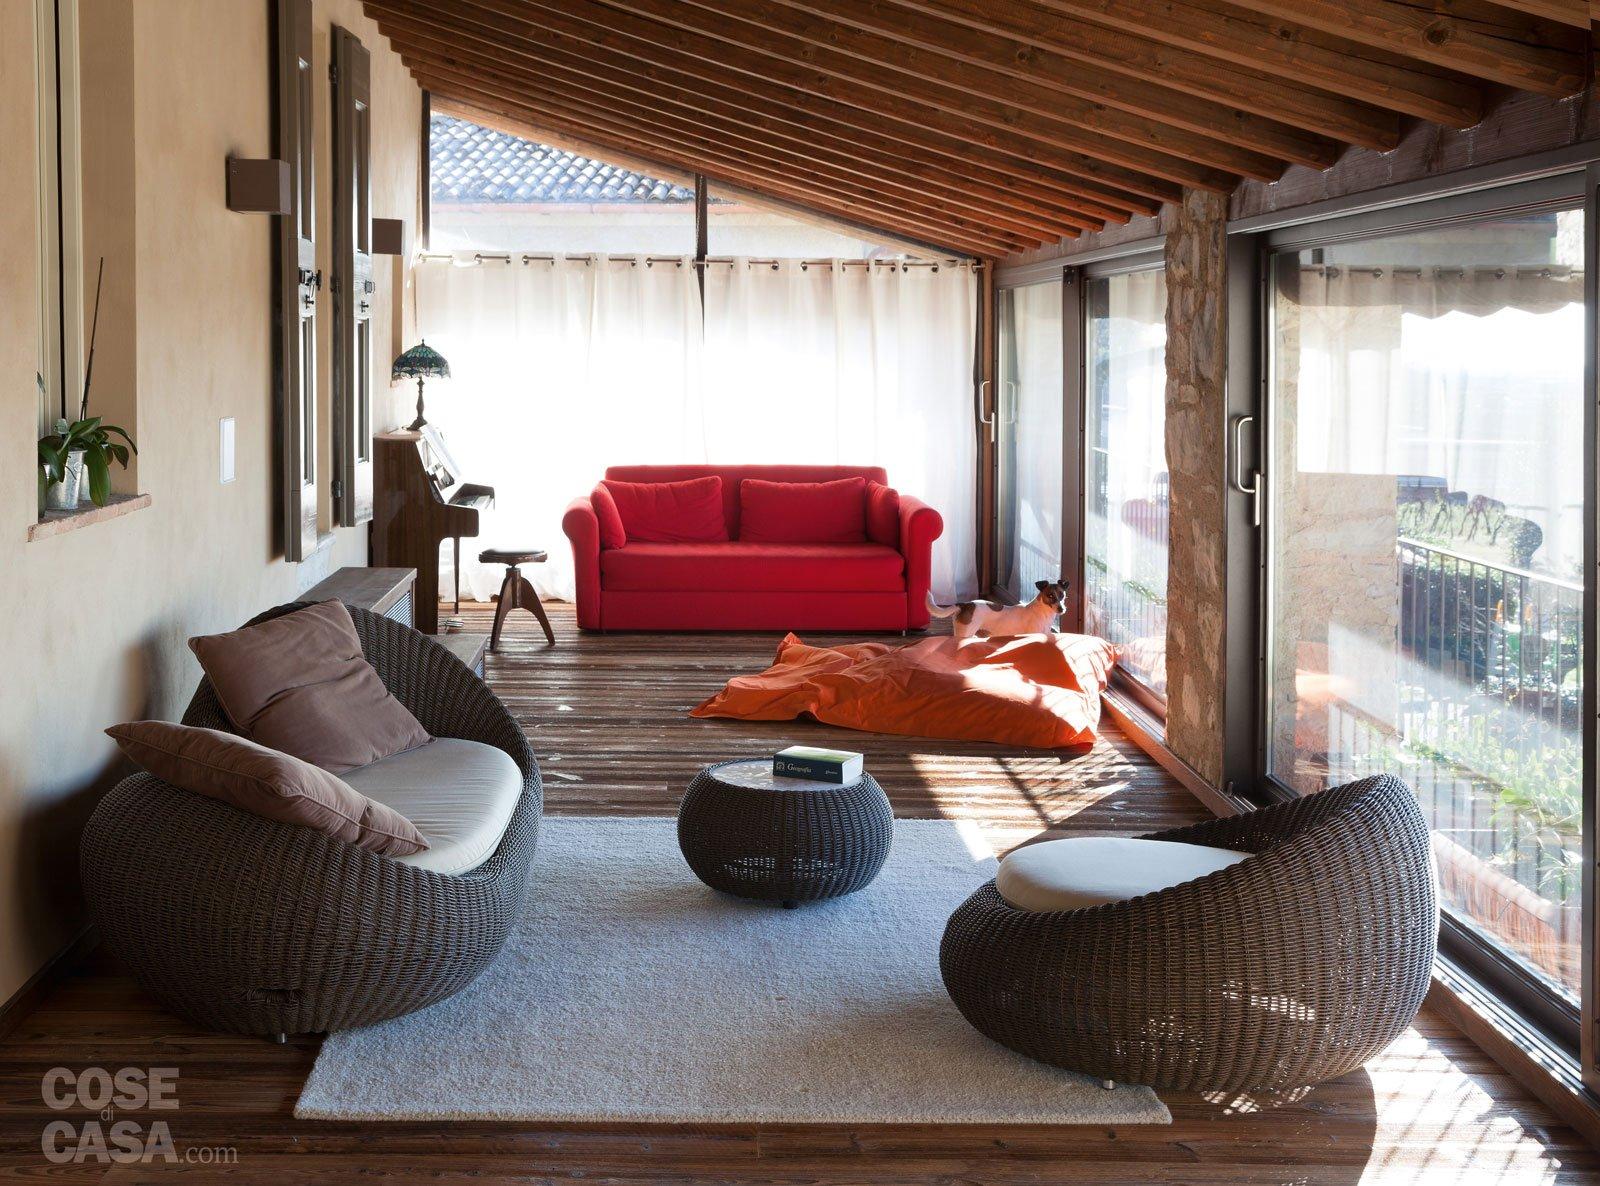 Una casa con ambienti moderni a sfondo rustico cose di casa - Arredi case moderne ...